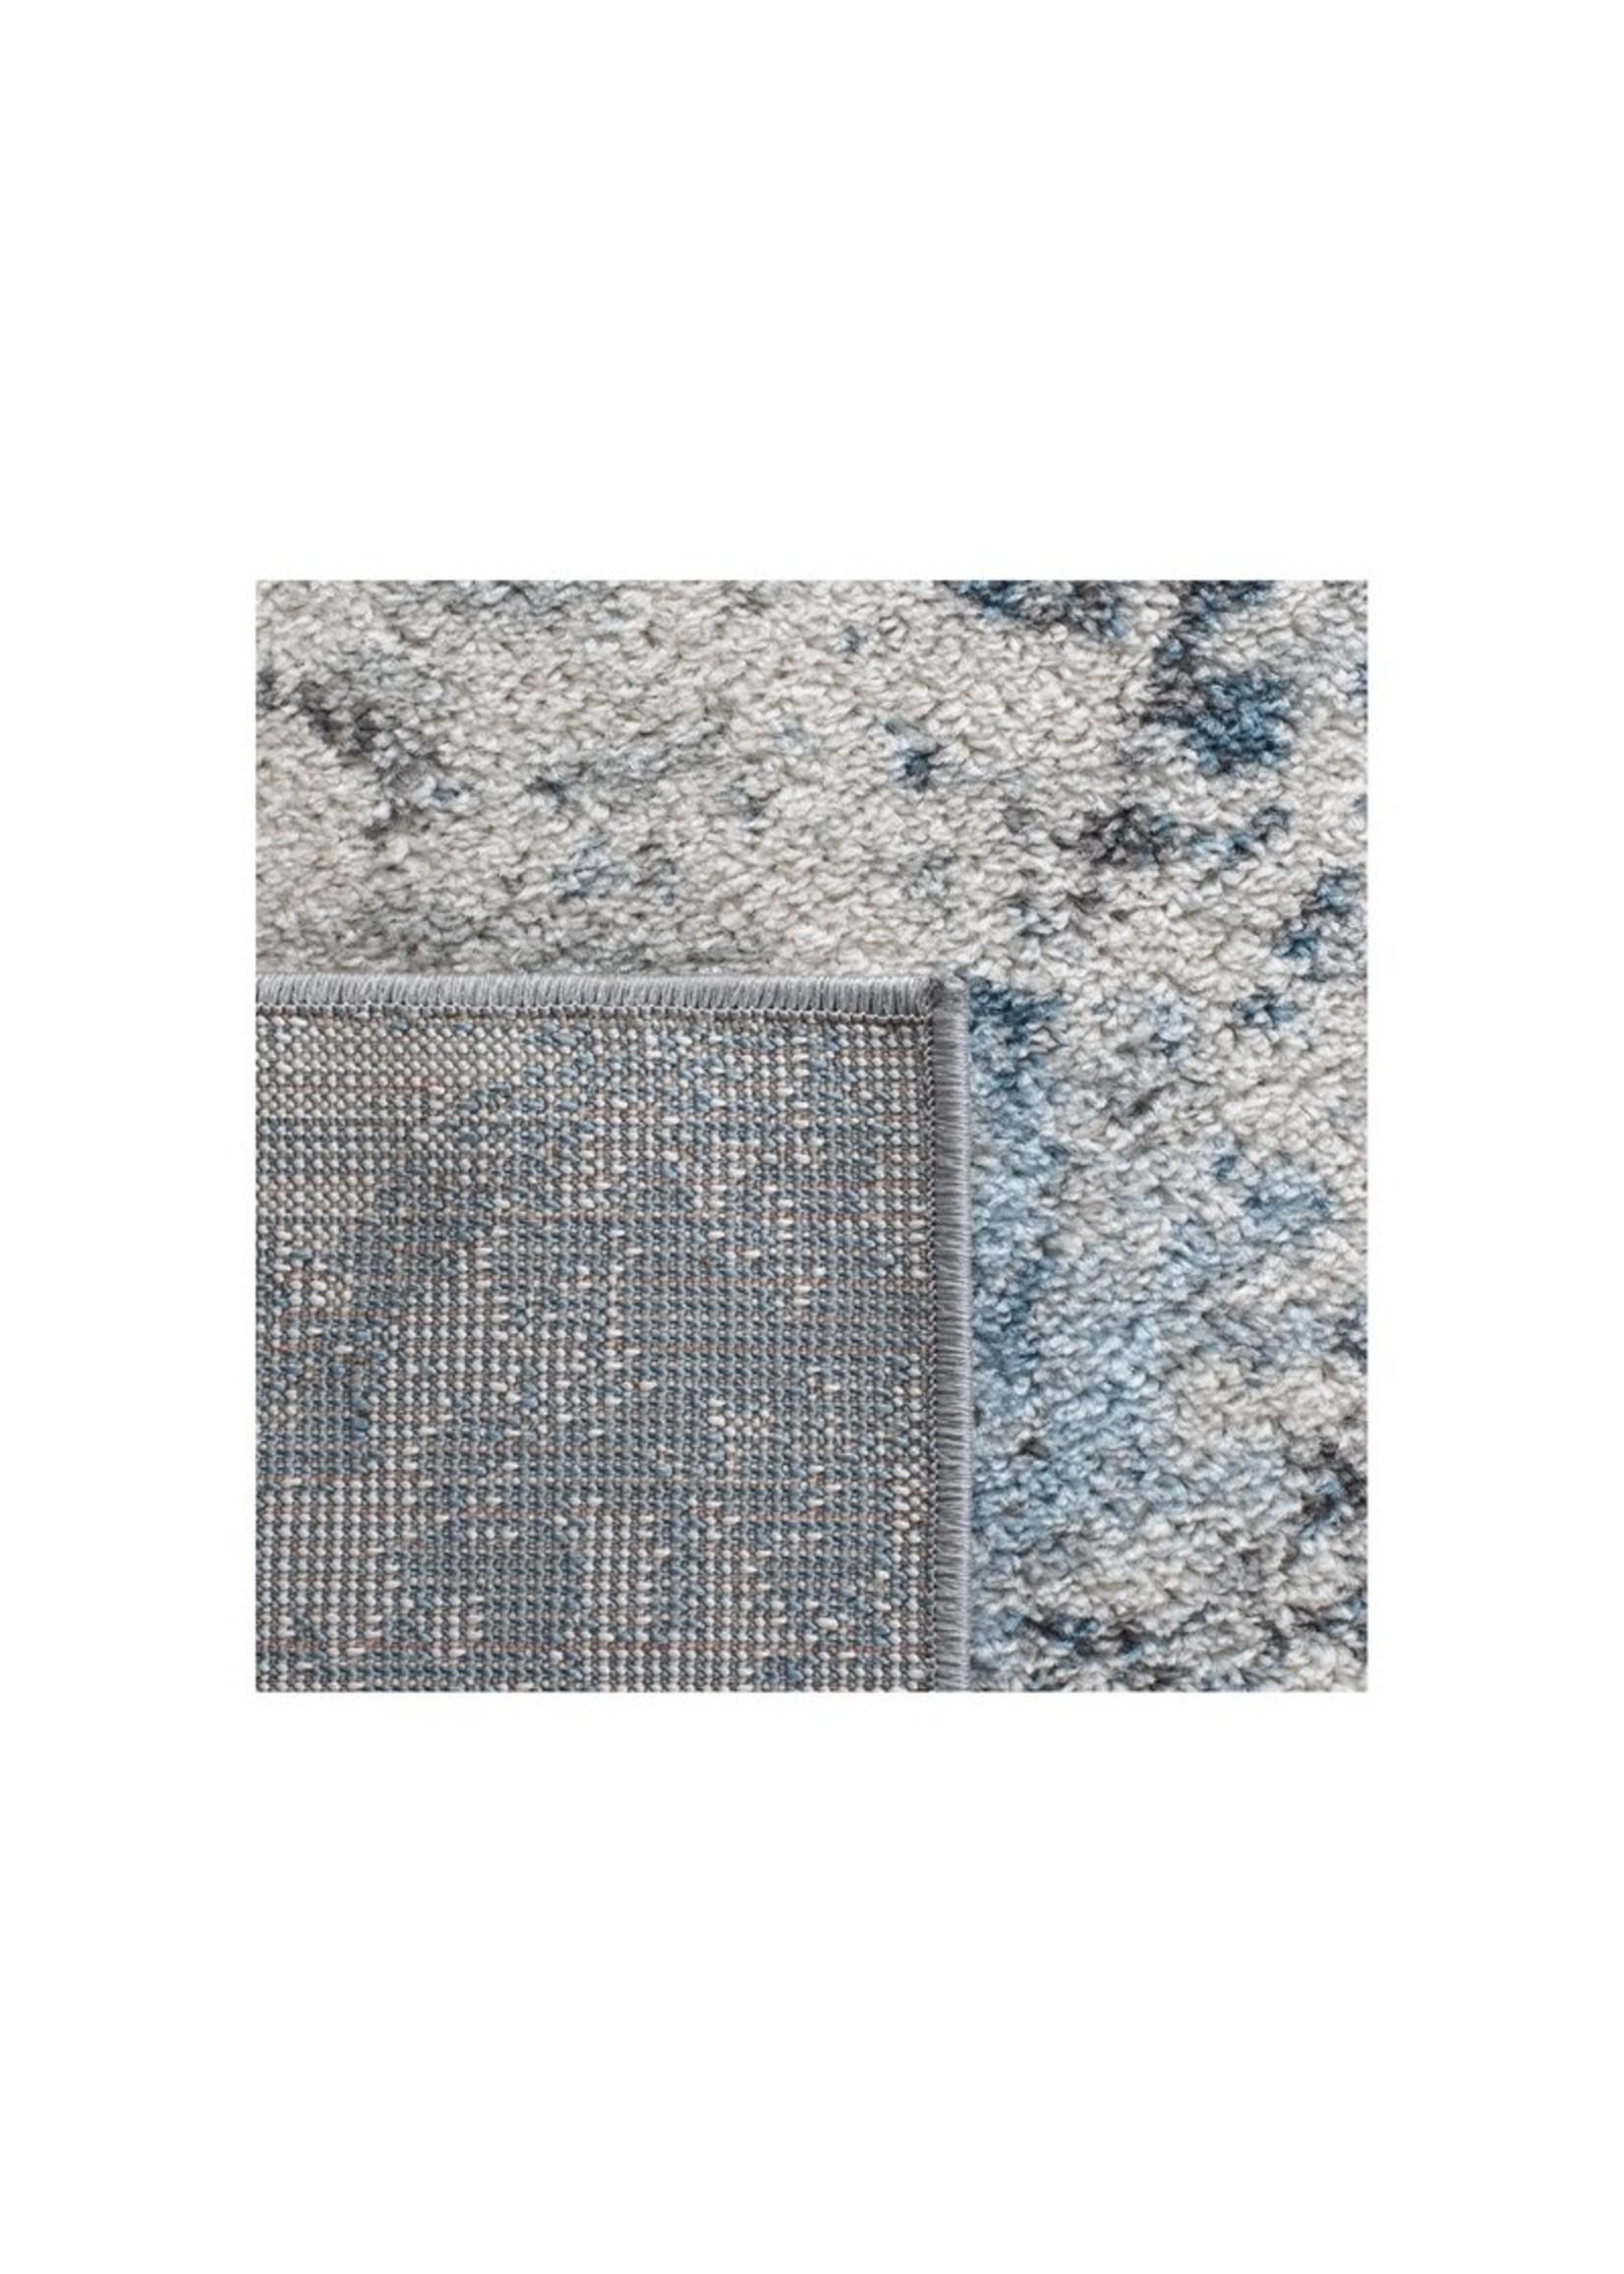 *4' x 6' - Olaughlin Power Loom Ivory/Blue Rug